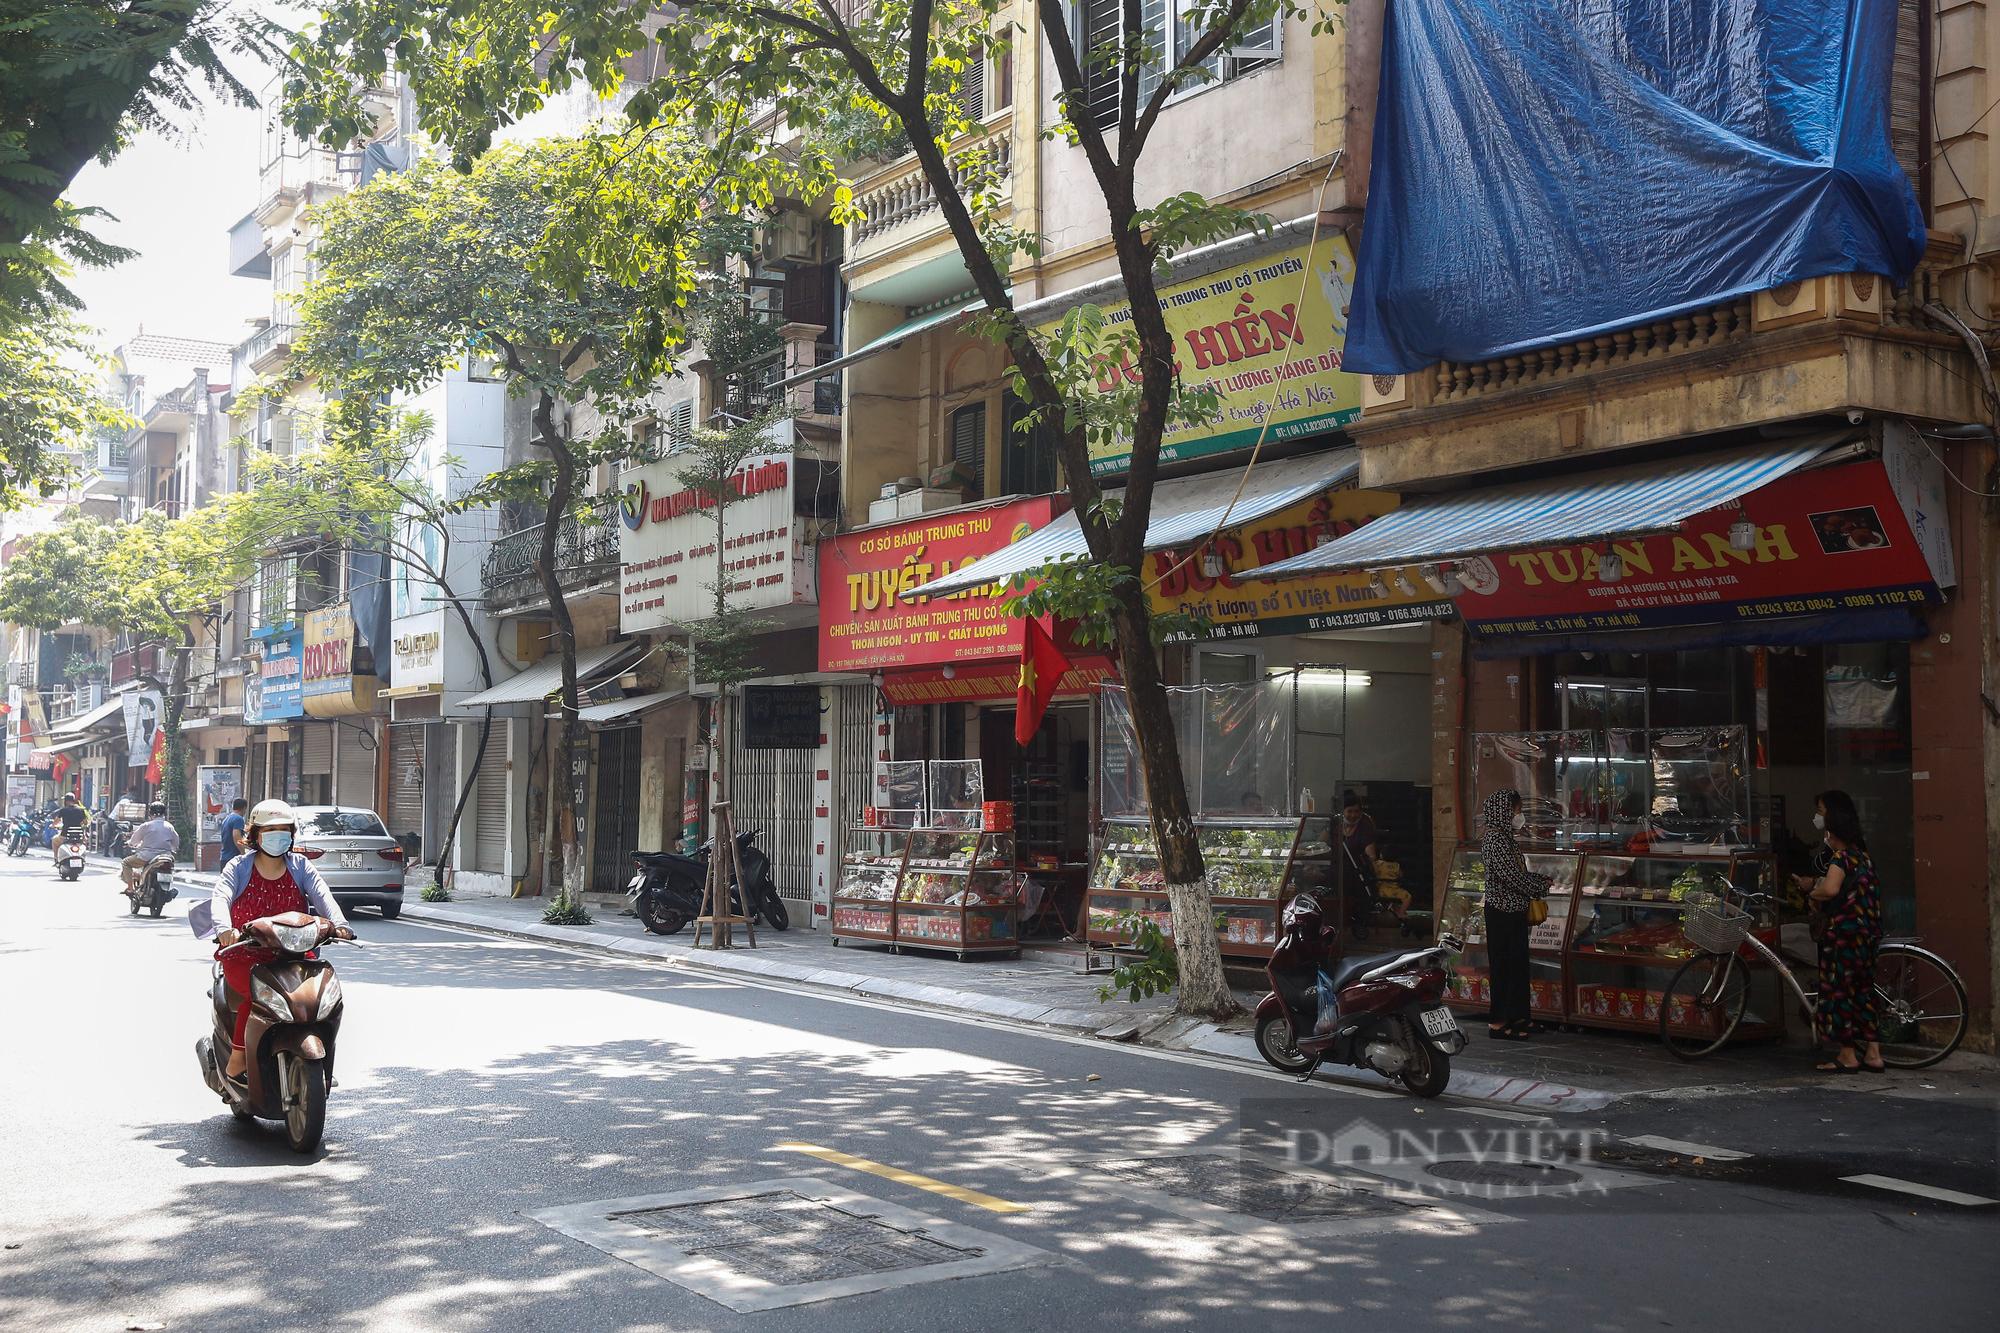 Thị trường bánh trung thu ảm đạm, cơ sở sản xuất loay hoay tìm kênh online - Ảnh 1.